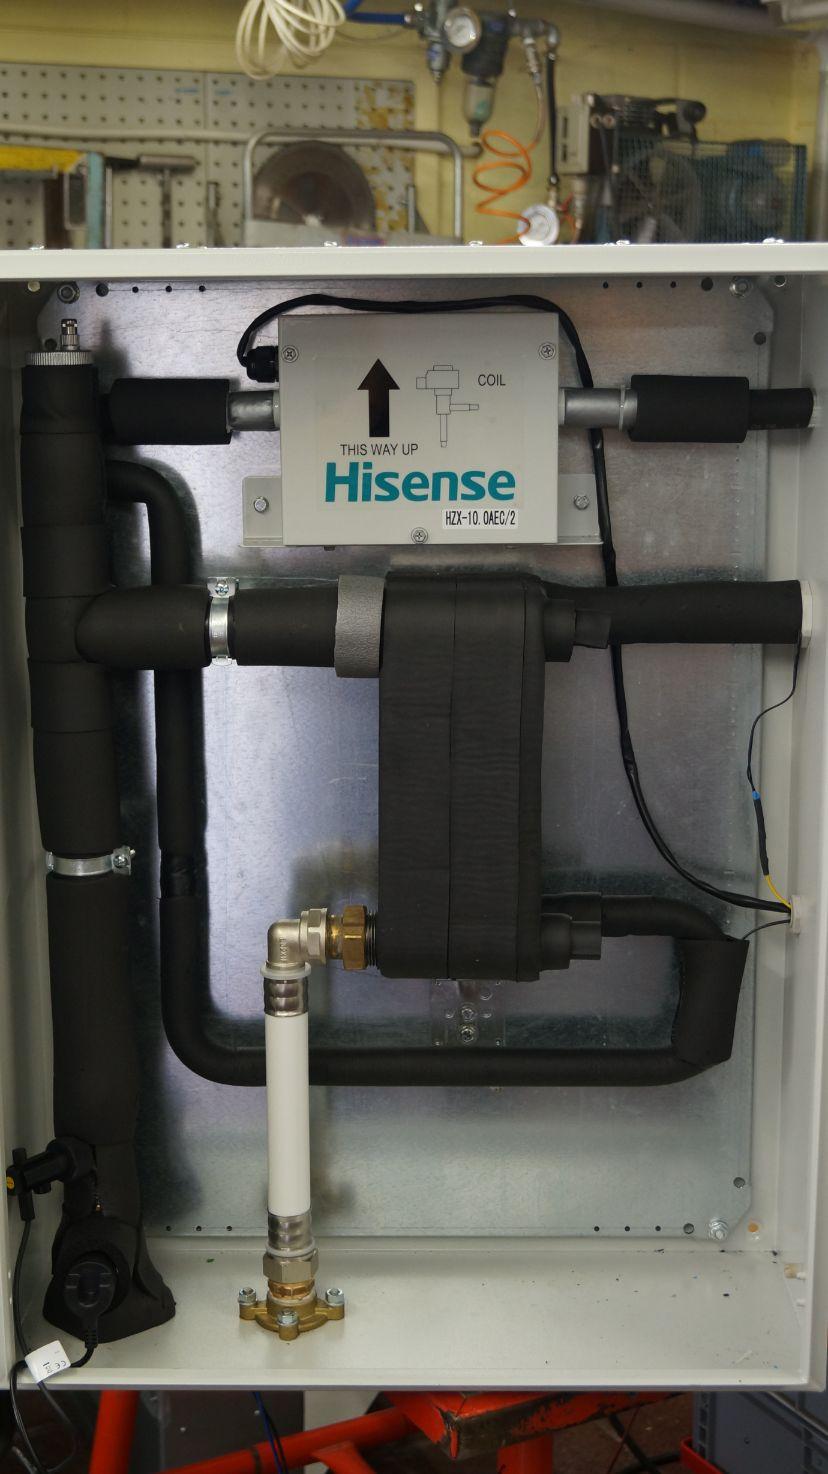 Hisense warmtepomp